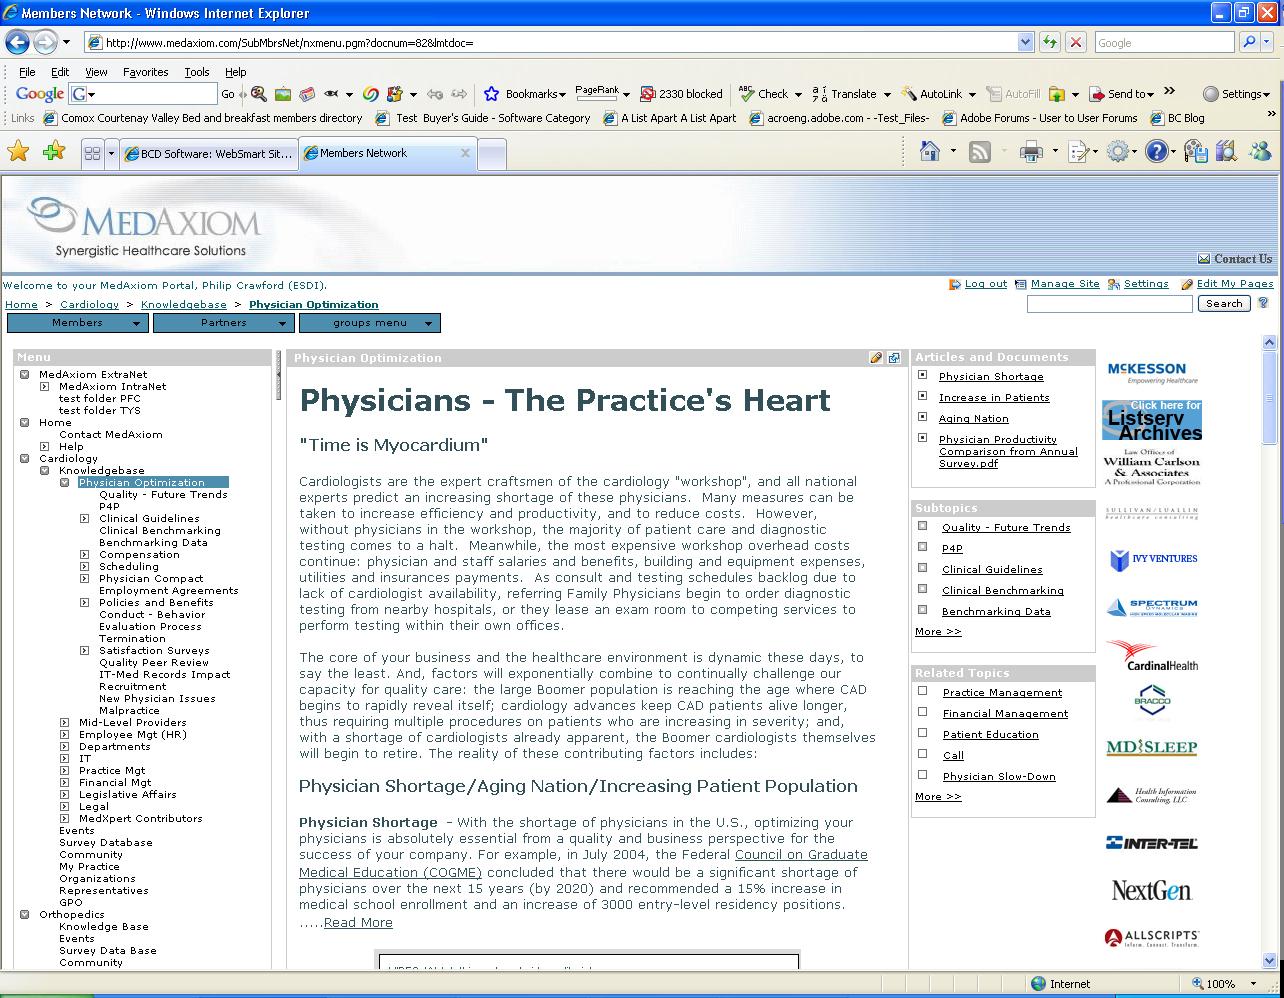 http://www.mcpressonline.com/articles/images/2002/Partner%20Tech%20Tip%20for%20Oct%2020%20MCPress%20Draft1V5--10200600.jpg